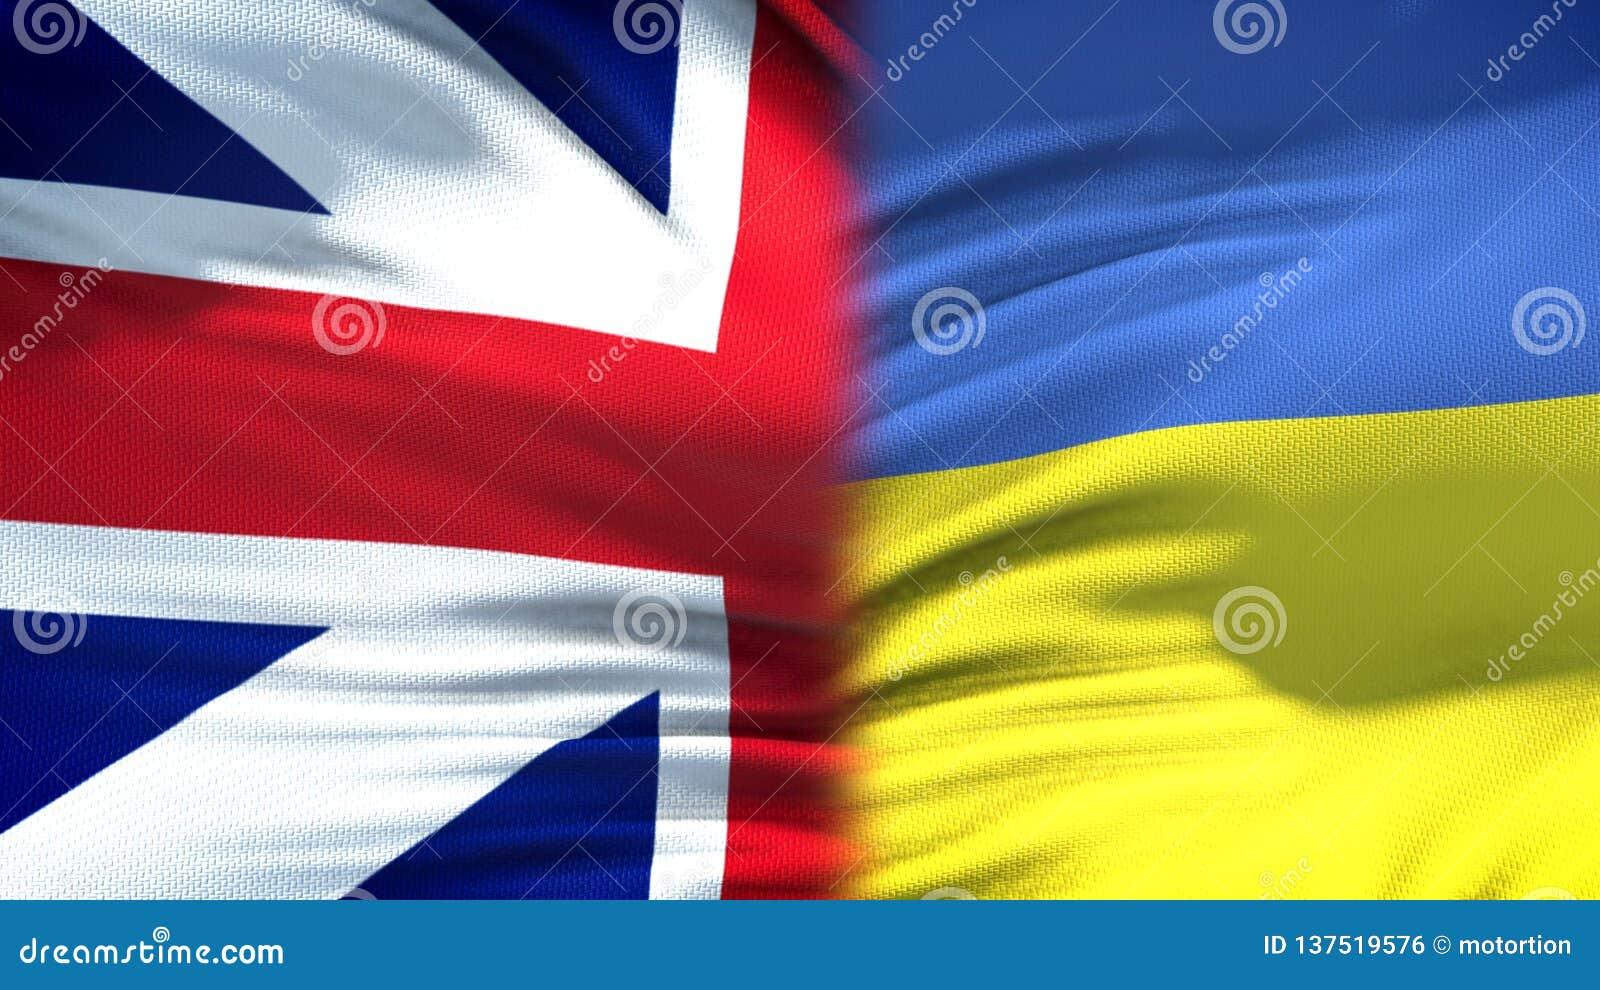 Предпосылка флагов Великобритании и Украины, дипломатический и экономические отношения